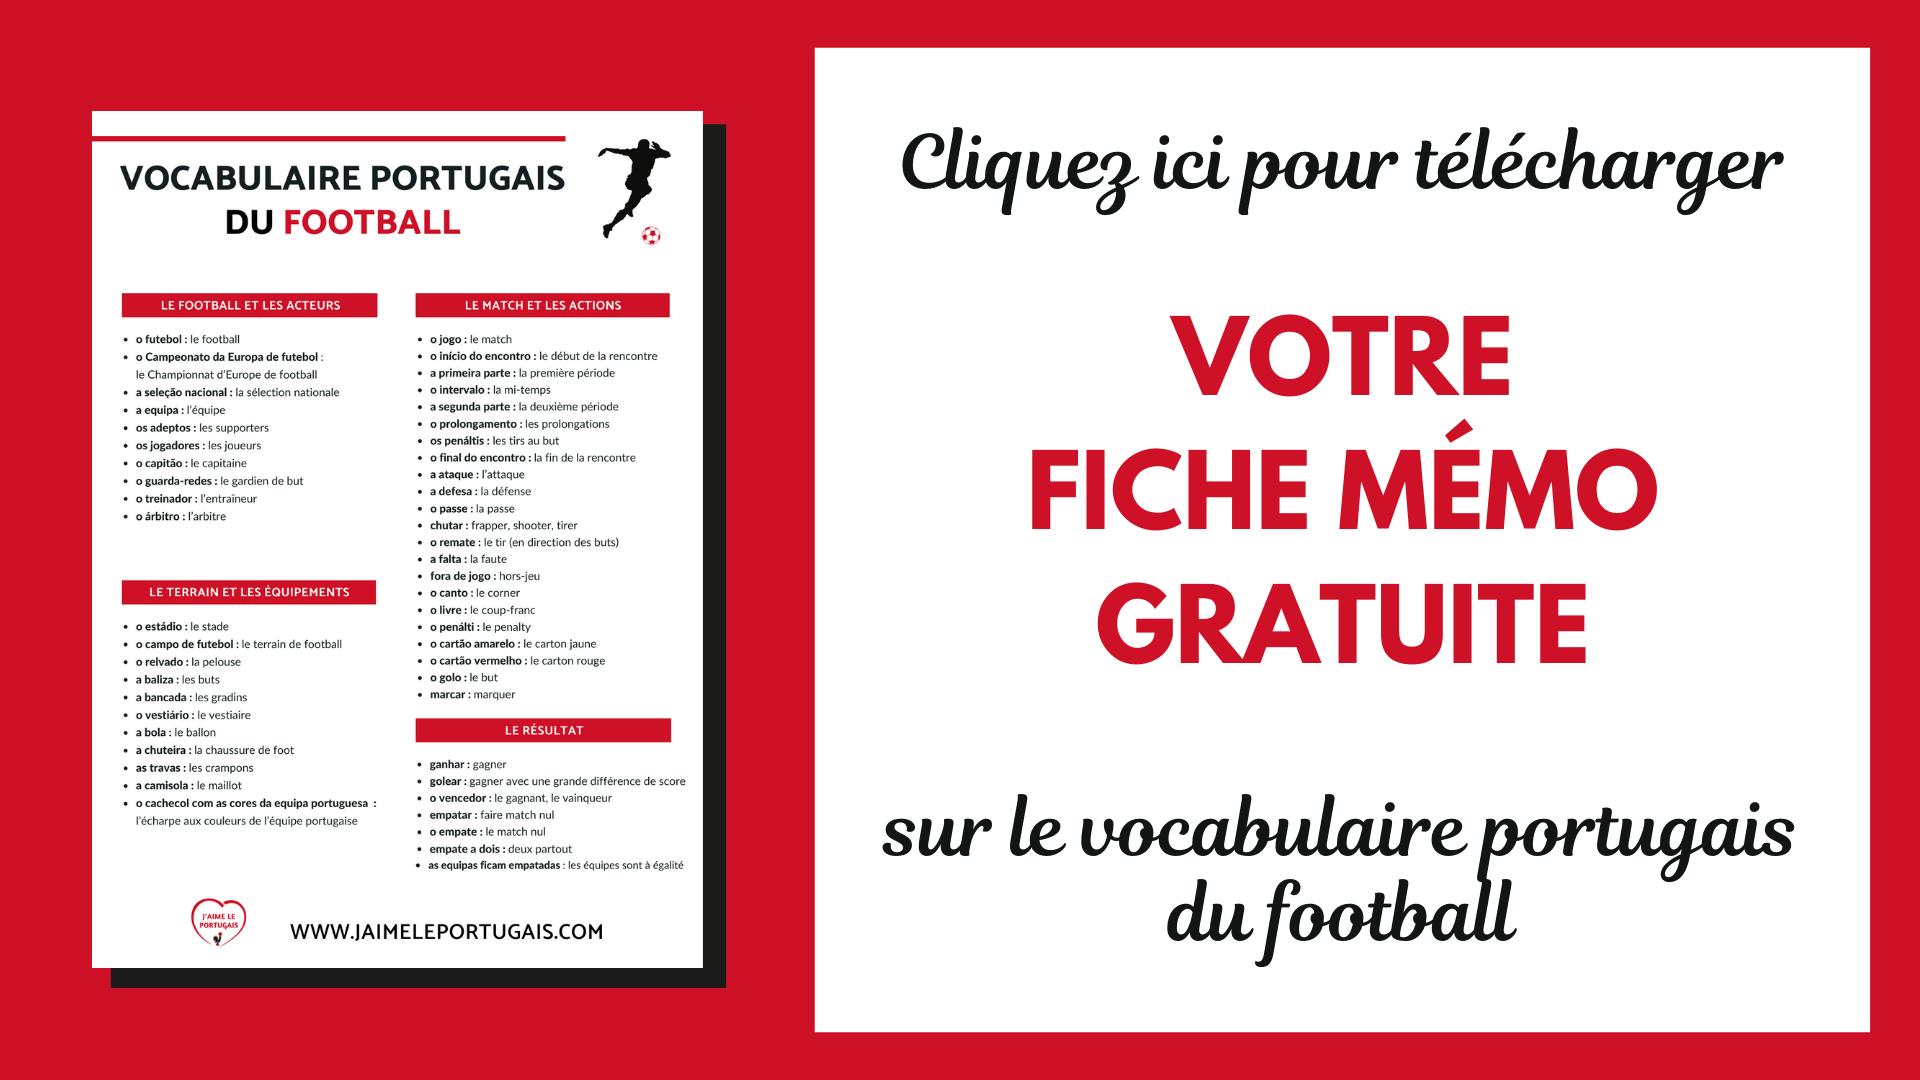 telechargez la fiche pdf gratuite pour réviser le vocabulaire portugais sur le footballfootball